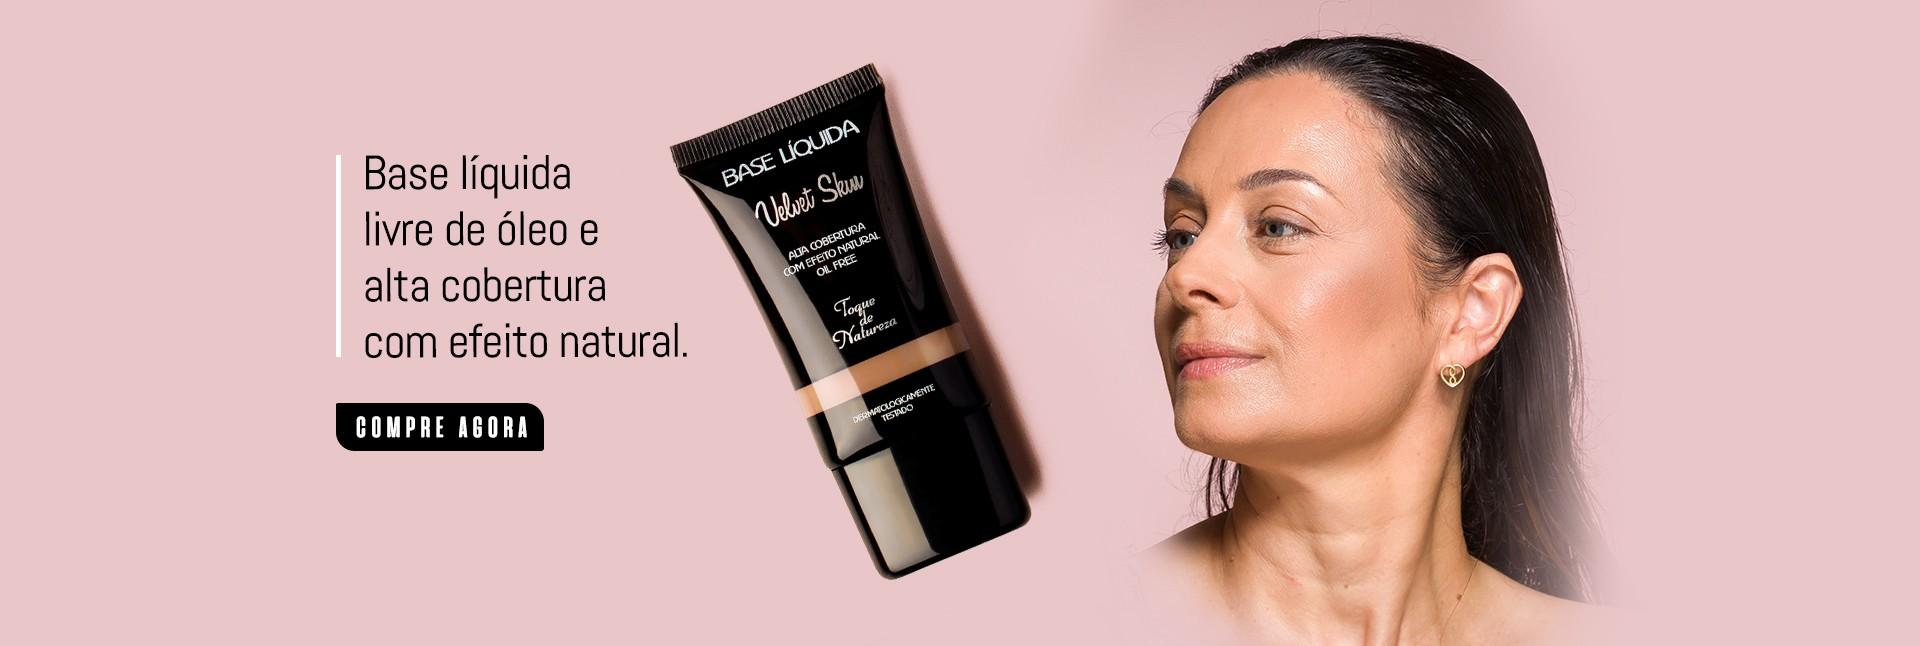 https://loja.toquedenatureza.com.br/maquiagem/348-20791-base-velvet-skin.html#/28-cores_base_velvet_skin-201